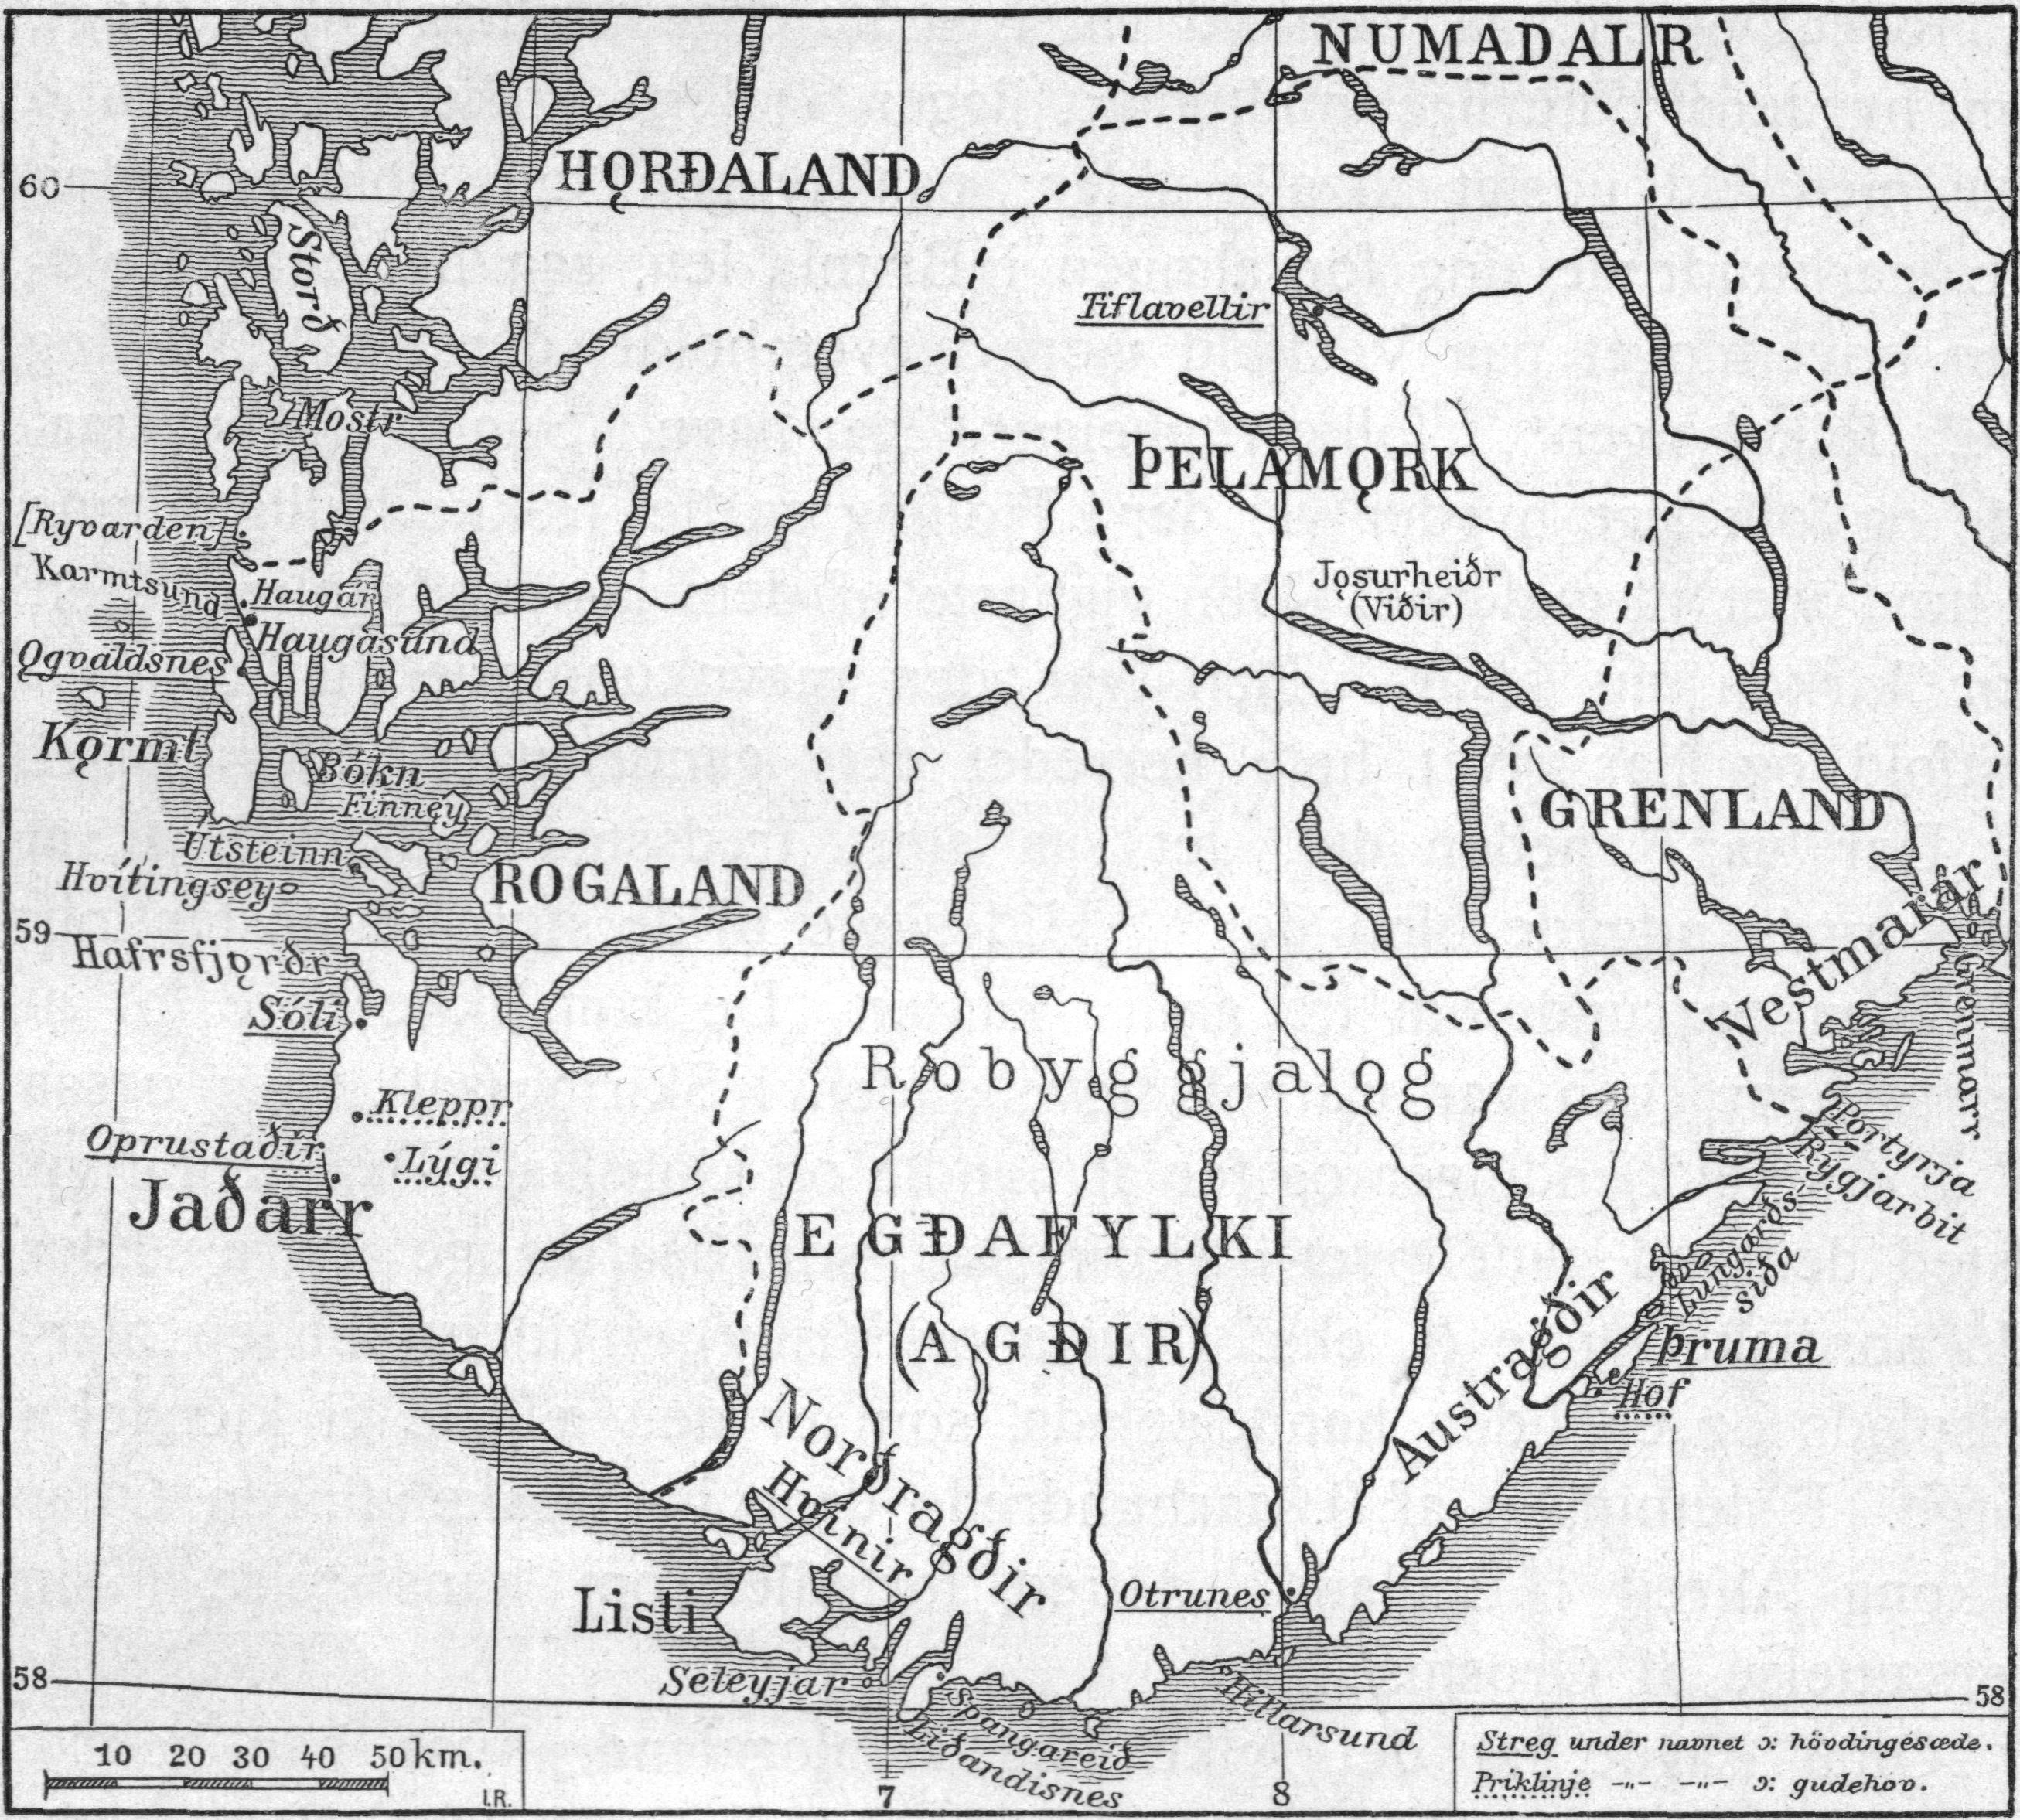 kart eiendom norge Fil:Kart over fylkerne i det sydlige Norge.png – Wikipedia kart eiendom norge